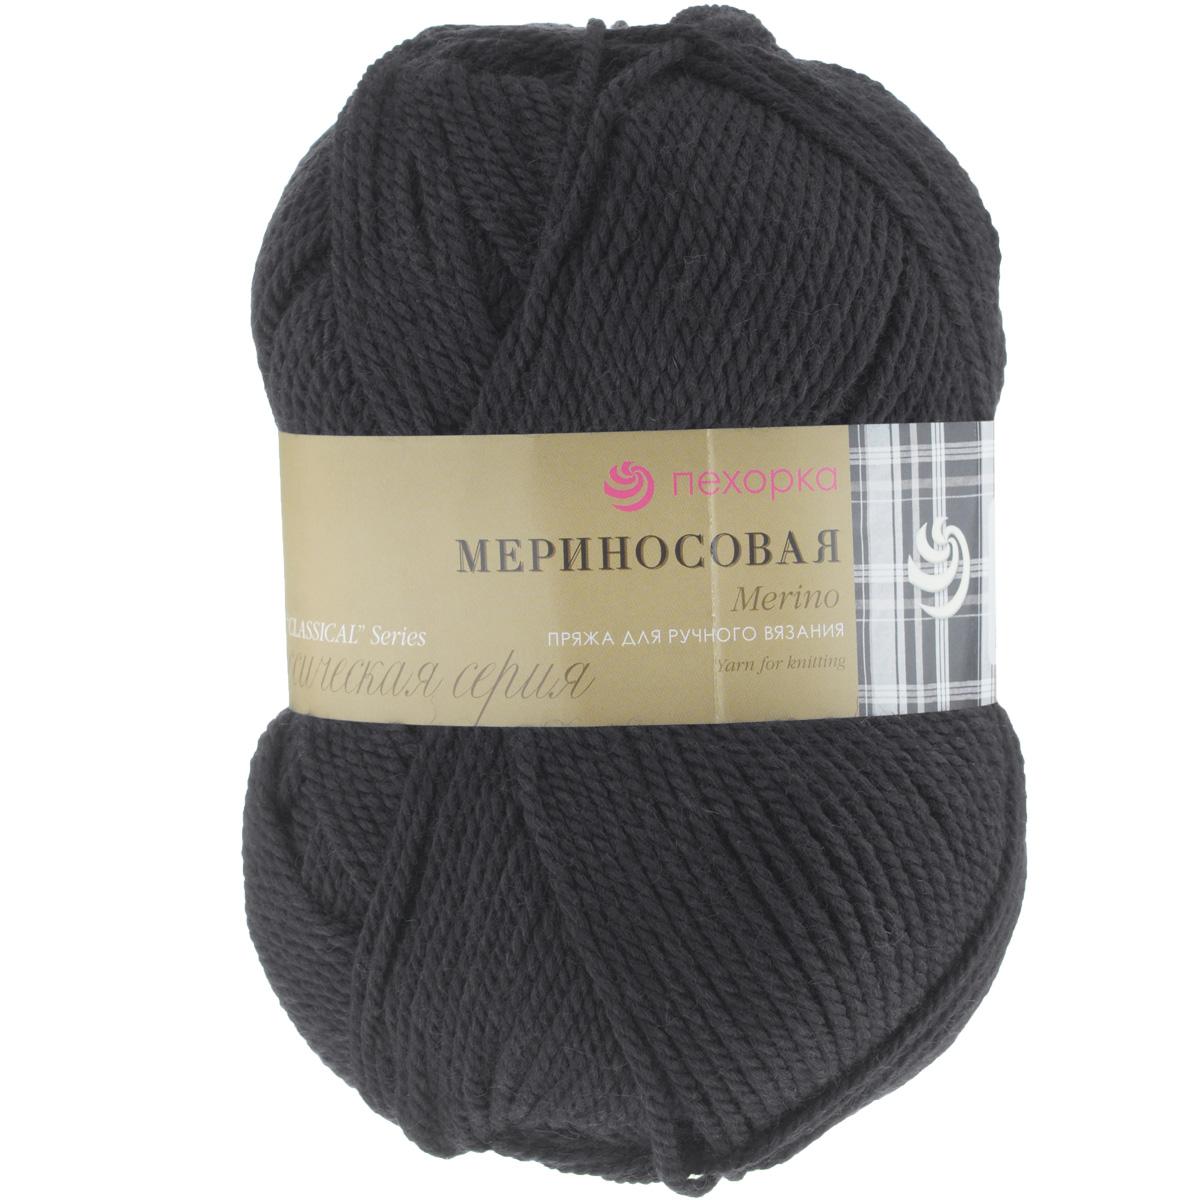 Пряжа для вязания Пехорка Мериносовая, цвет: черный (02), 200 м, 100 г, 10 шт пряжа для вязания пехорка мериносовая цвет изумрудный 335 200 м 100 г 10 шт